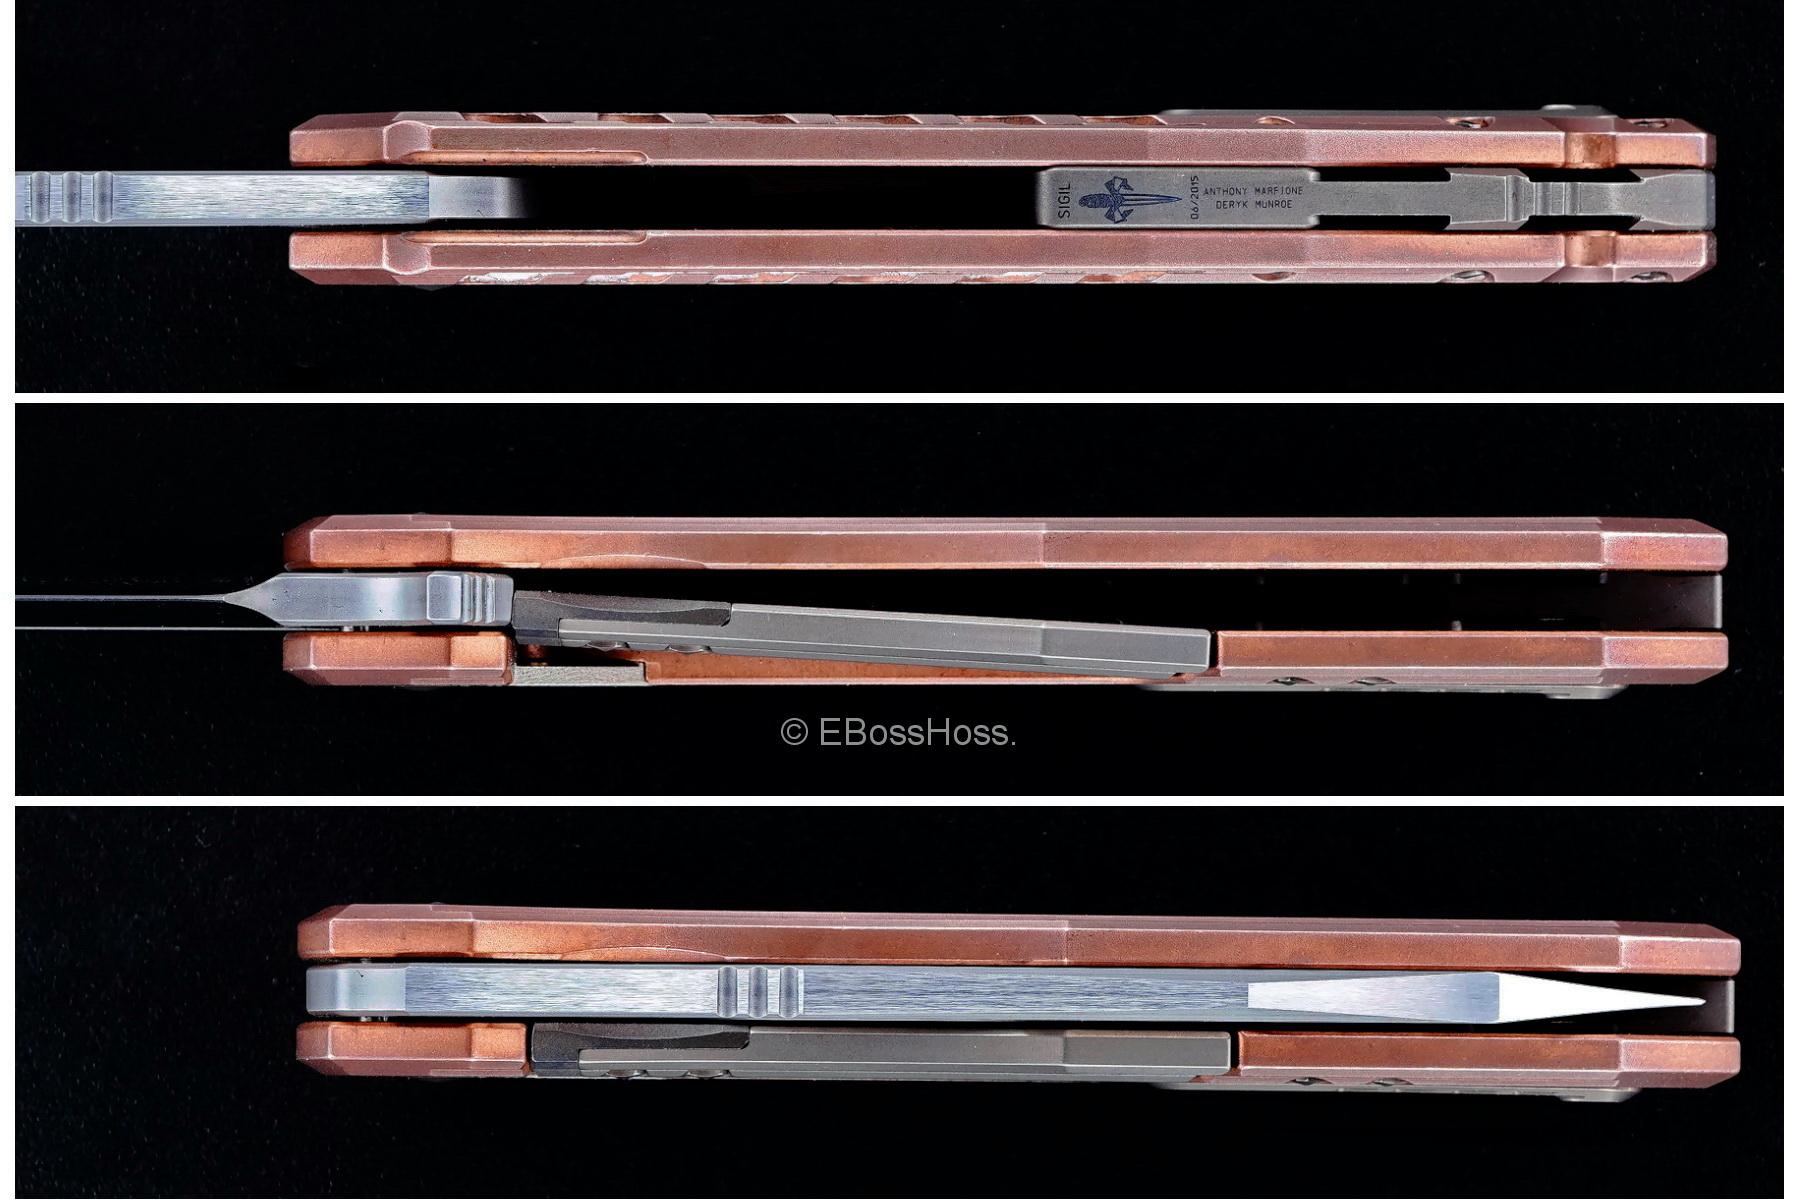 Tony Marfione / Microtech, Munroe / Deryk Munroe Copper Sigil Flipper